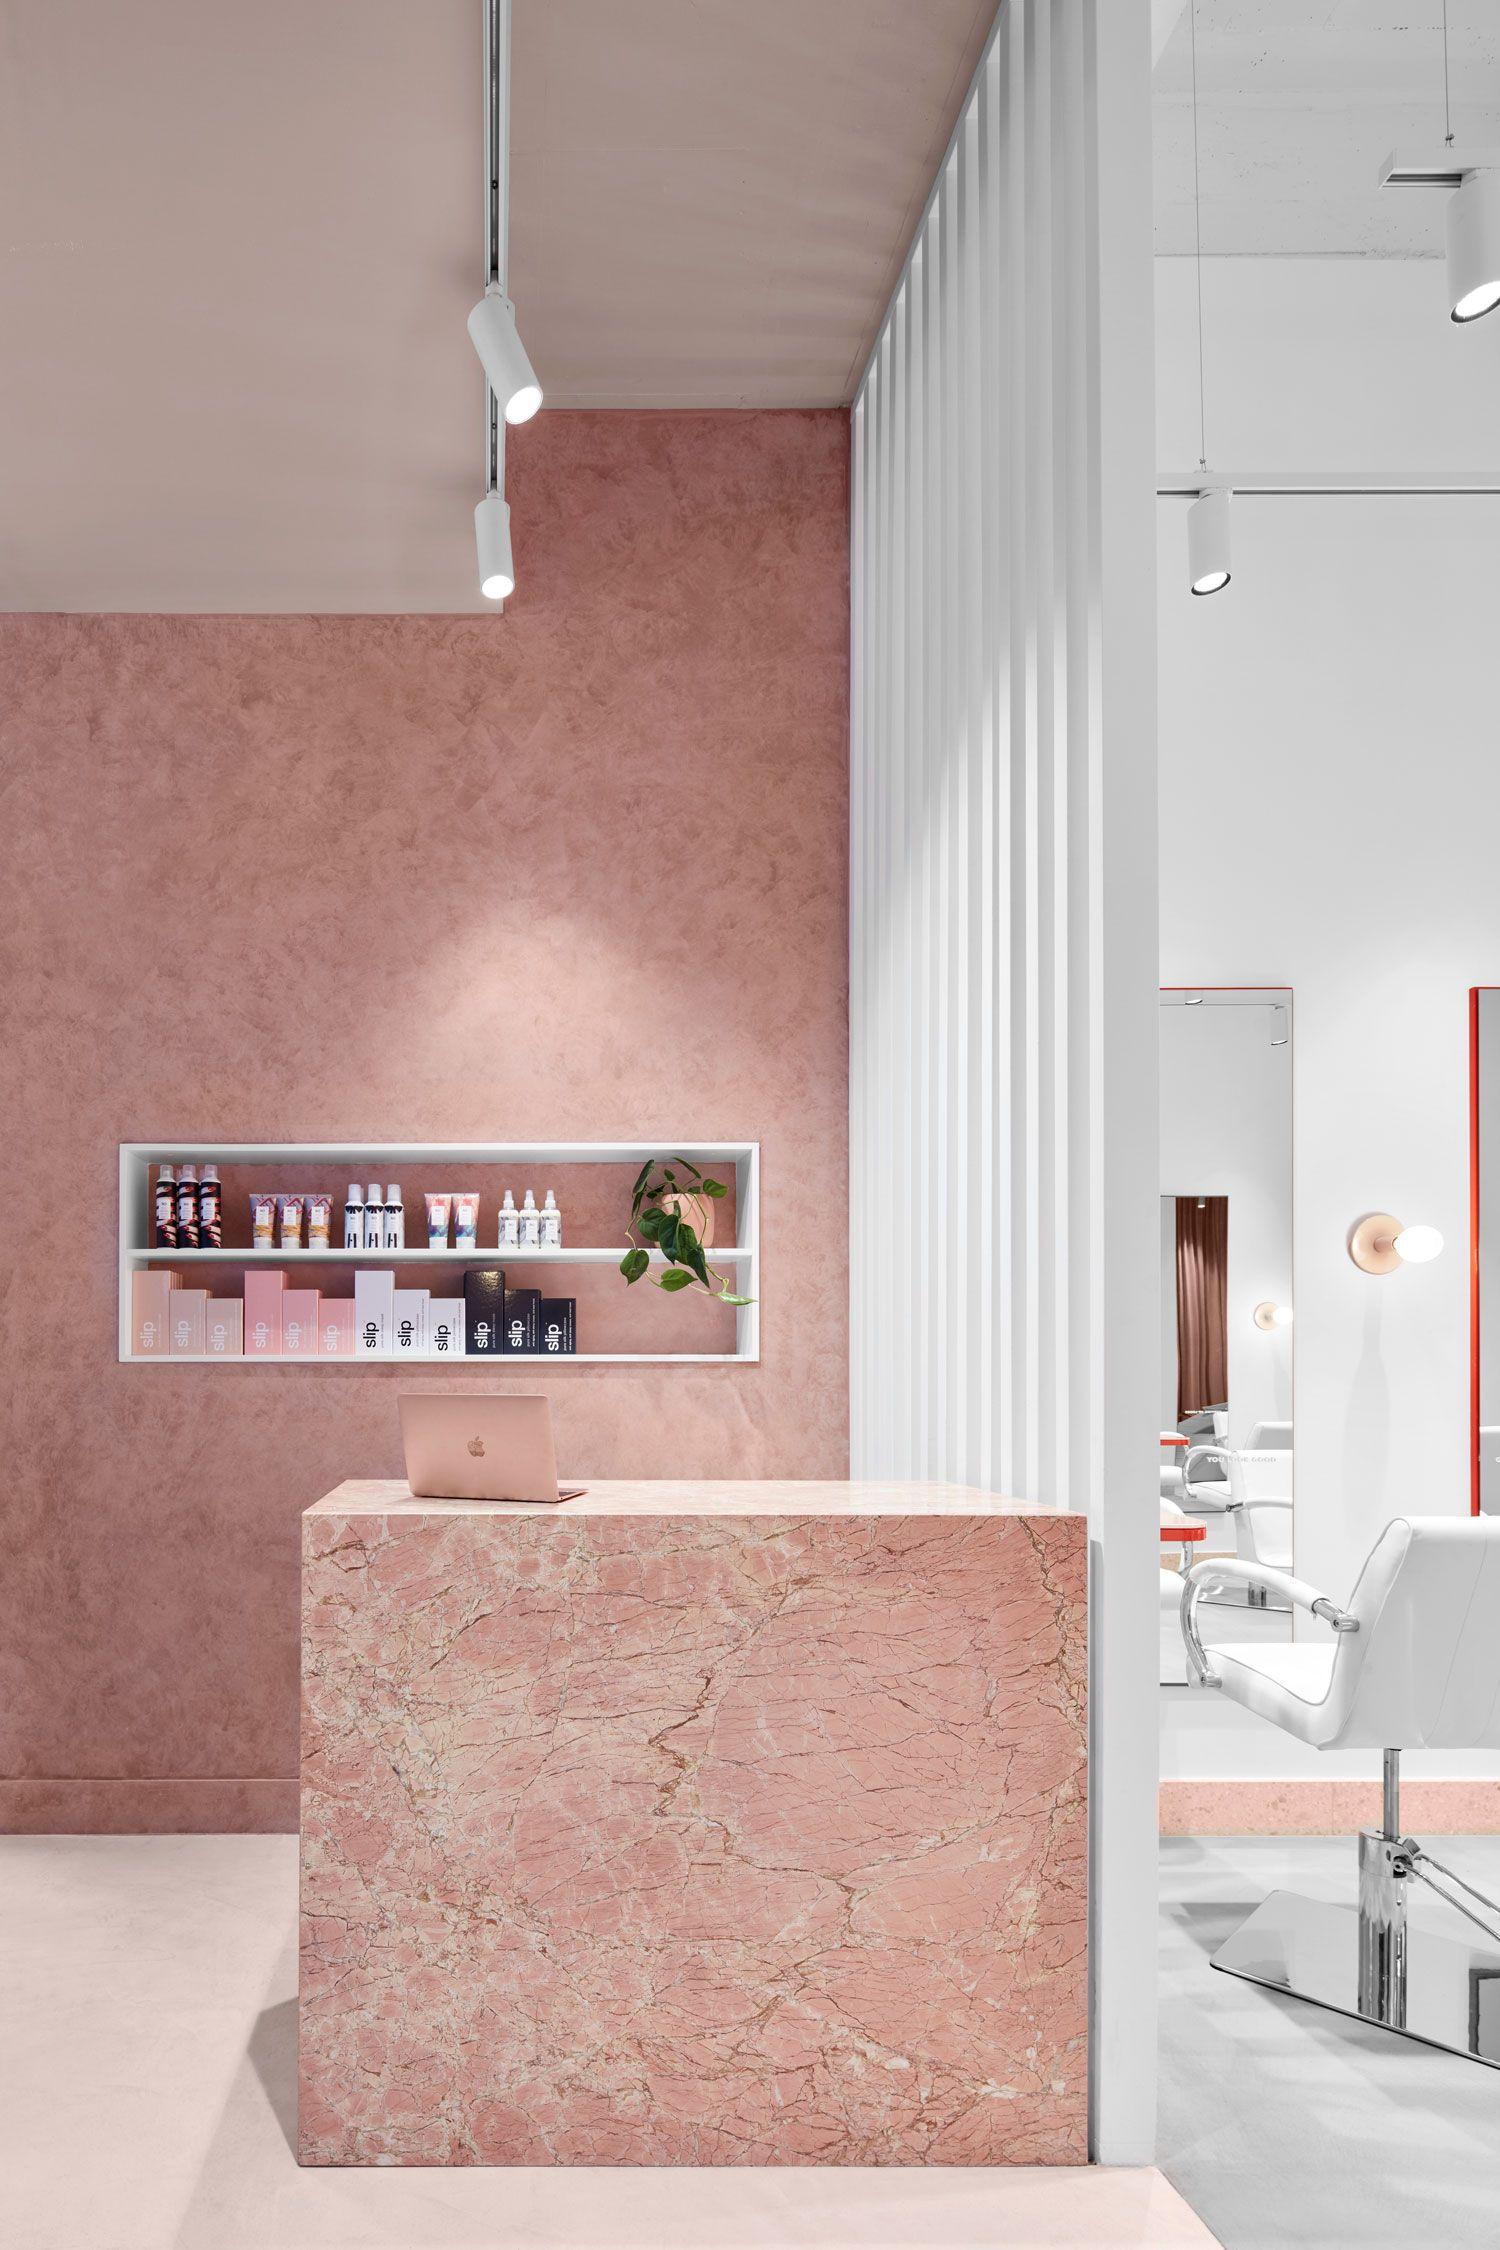 The Blow Australia Hair Salon In Melbourne Cbd By Tecture Nha Cửa Thiết Kế Trang Tri